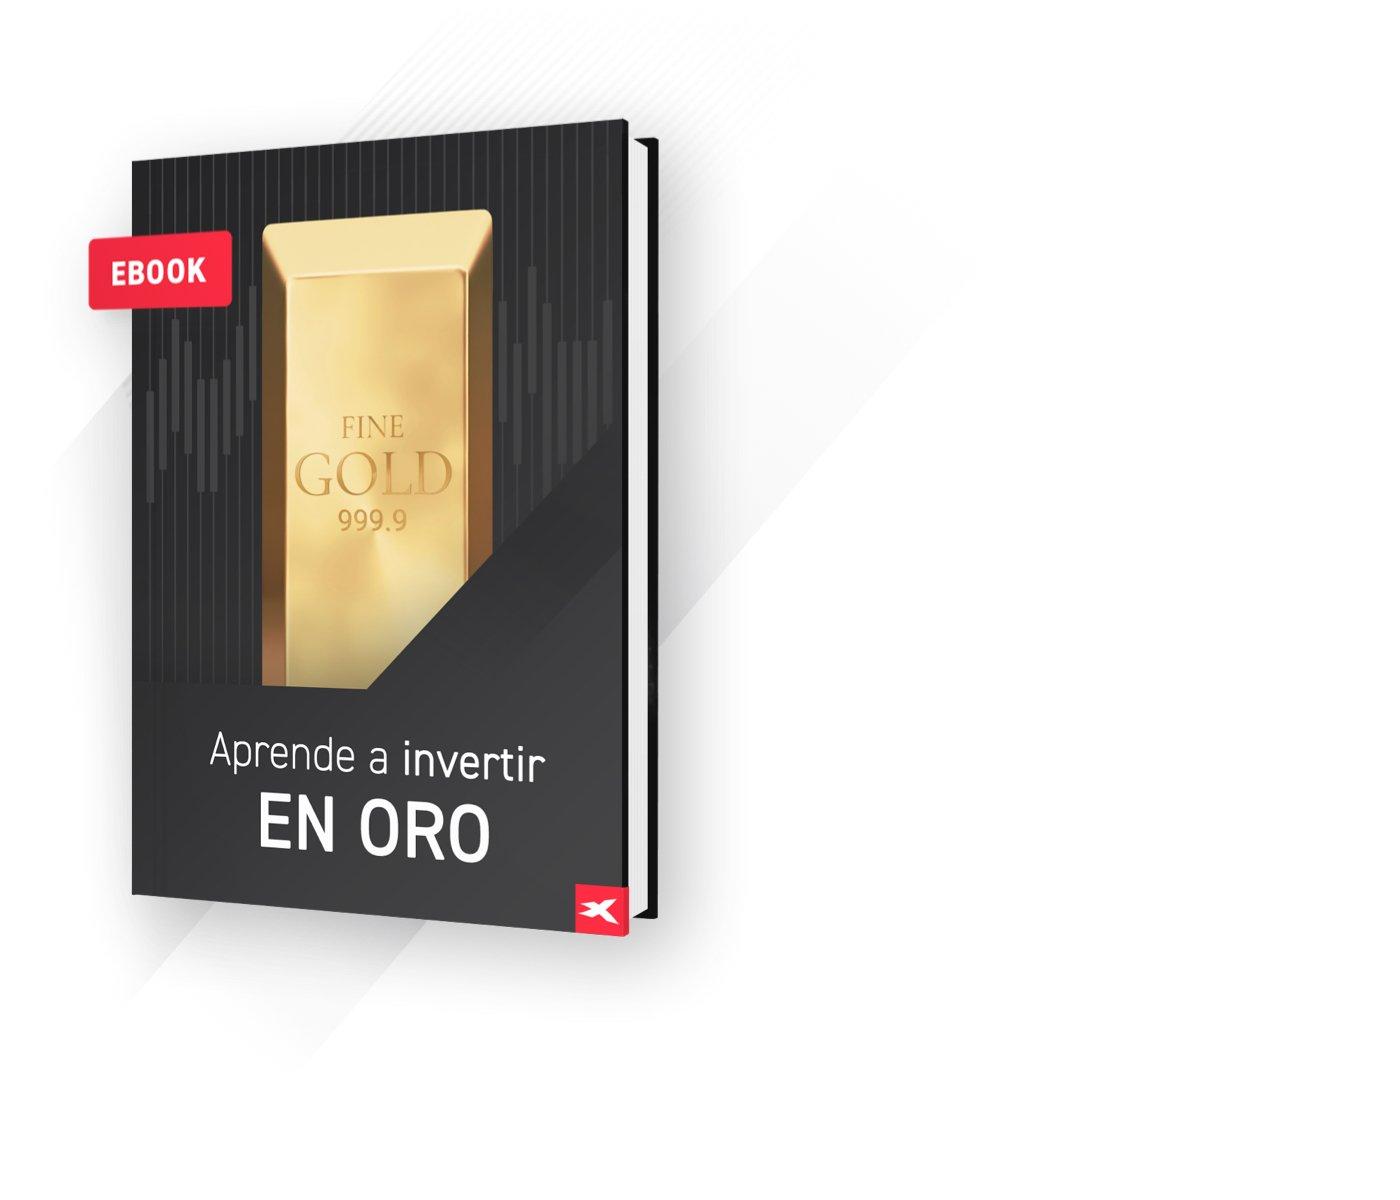 ES_KV_gold_ebook_part2_FORM